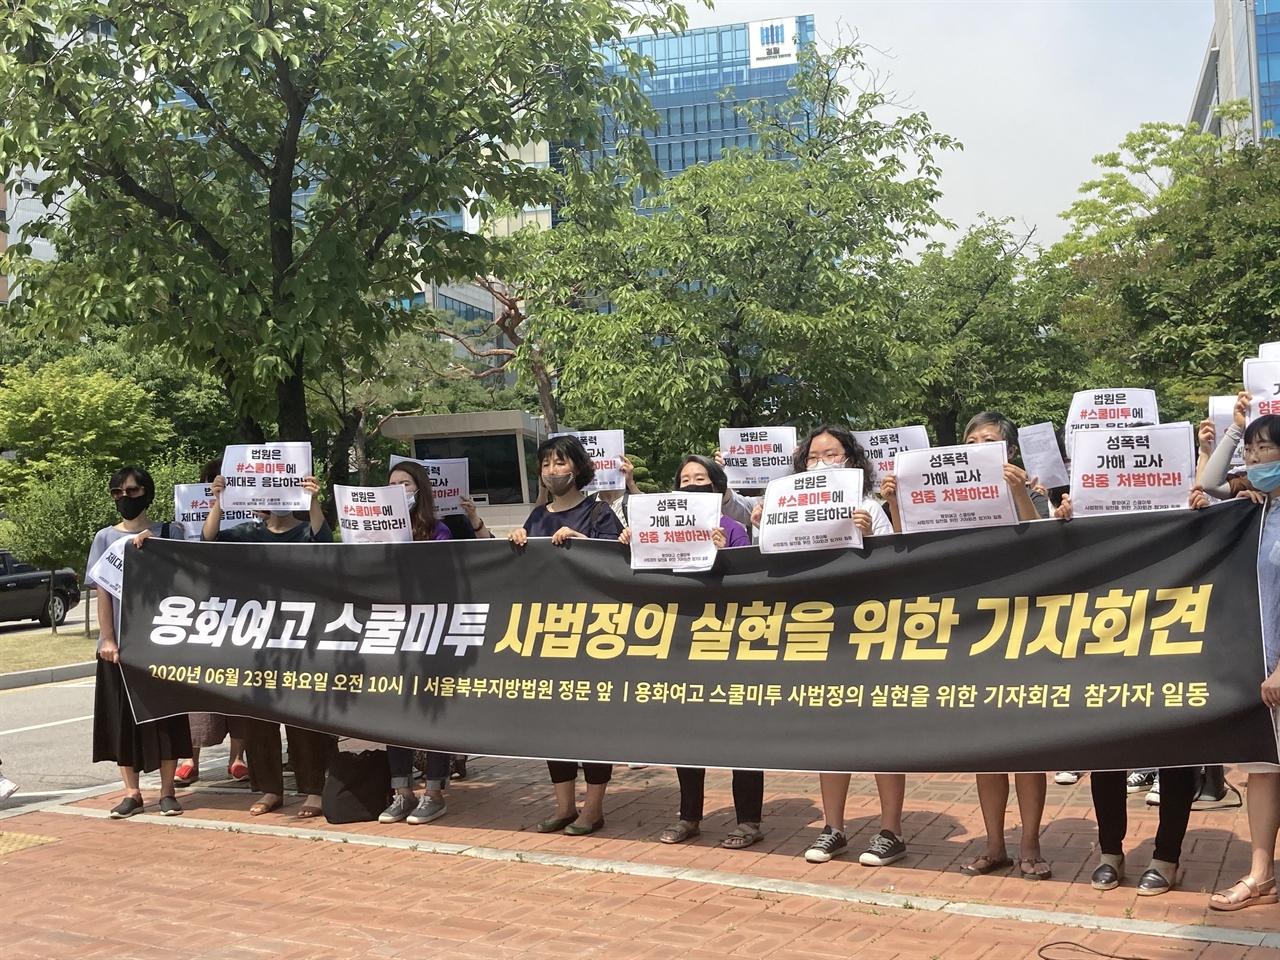 44개 여성·시민단체들은 '용화여고 스쿨미투 사법정의 실현을 위한 기자회견'을 23일 서울북부지법 앞에서 열었다.